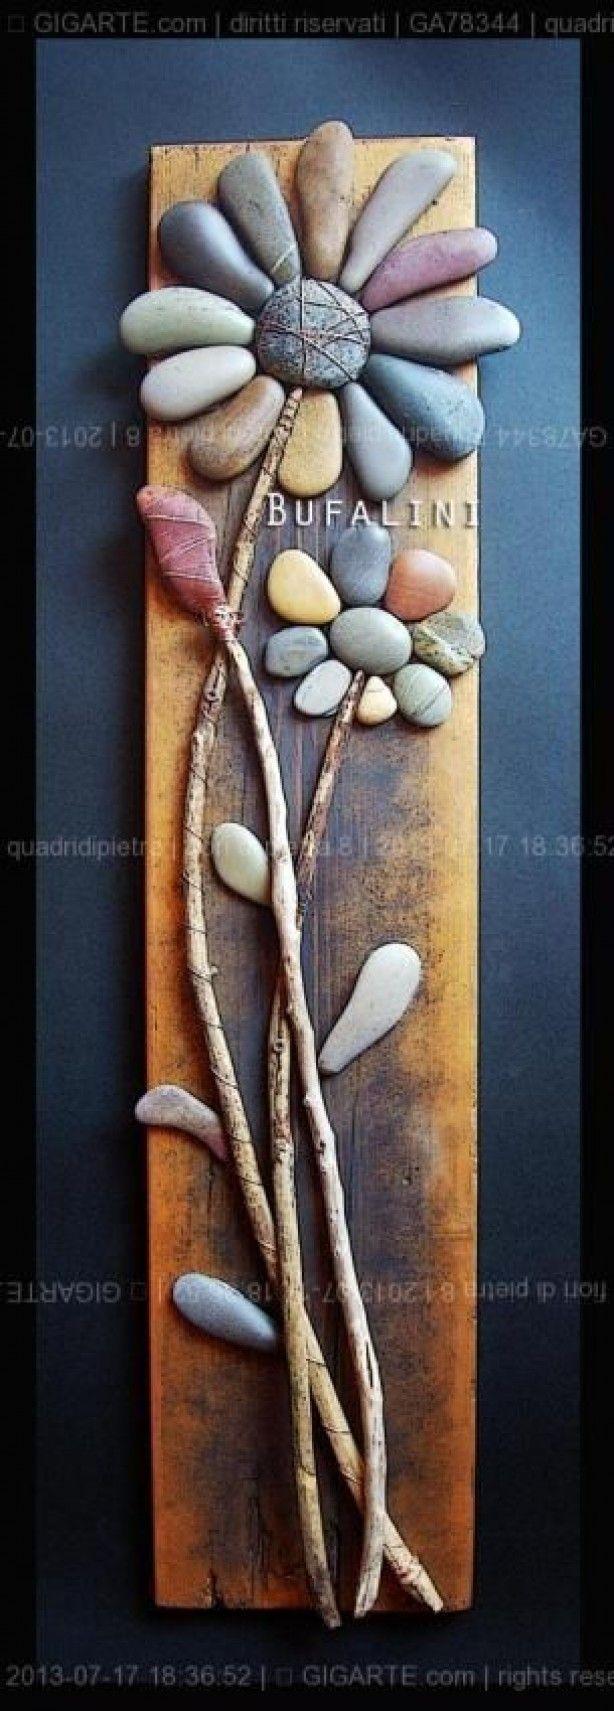 eindelijk een goed idee voor al die stenen en stokken die de kinderen altijd van het strand mee nemen